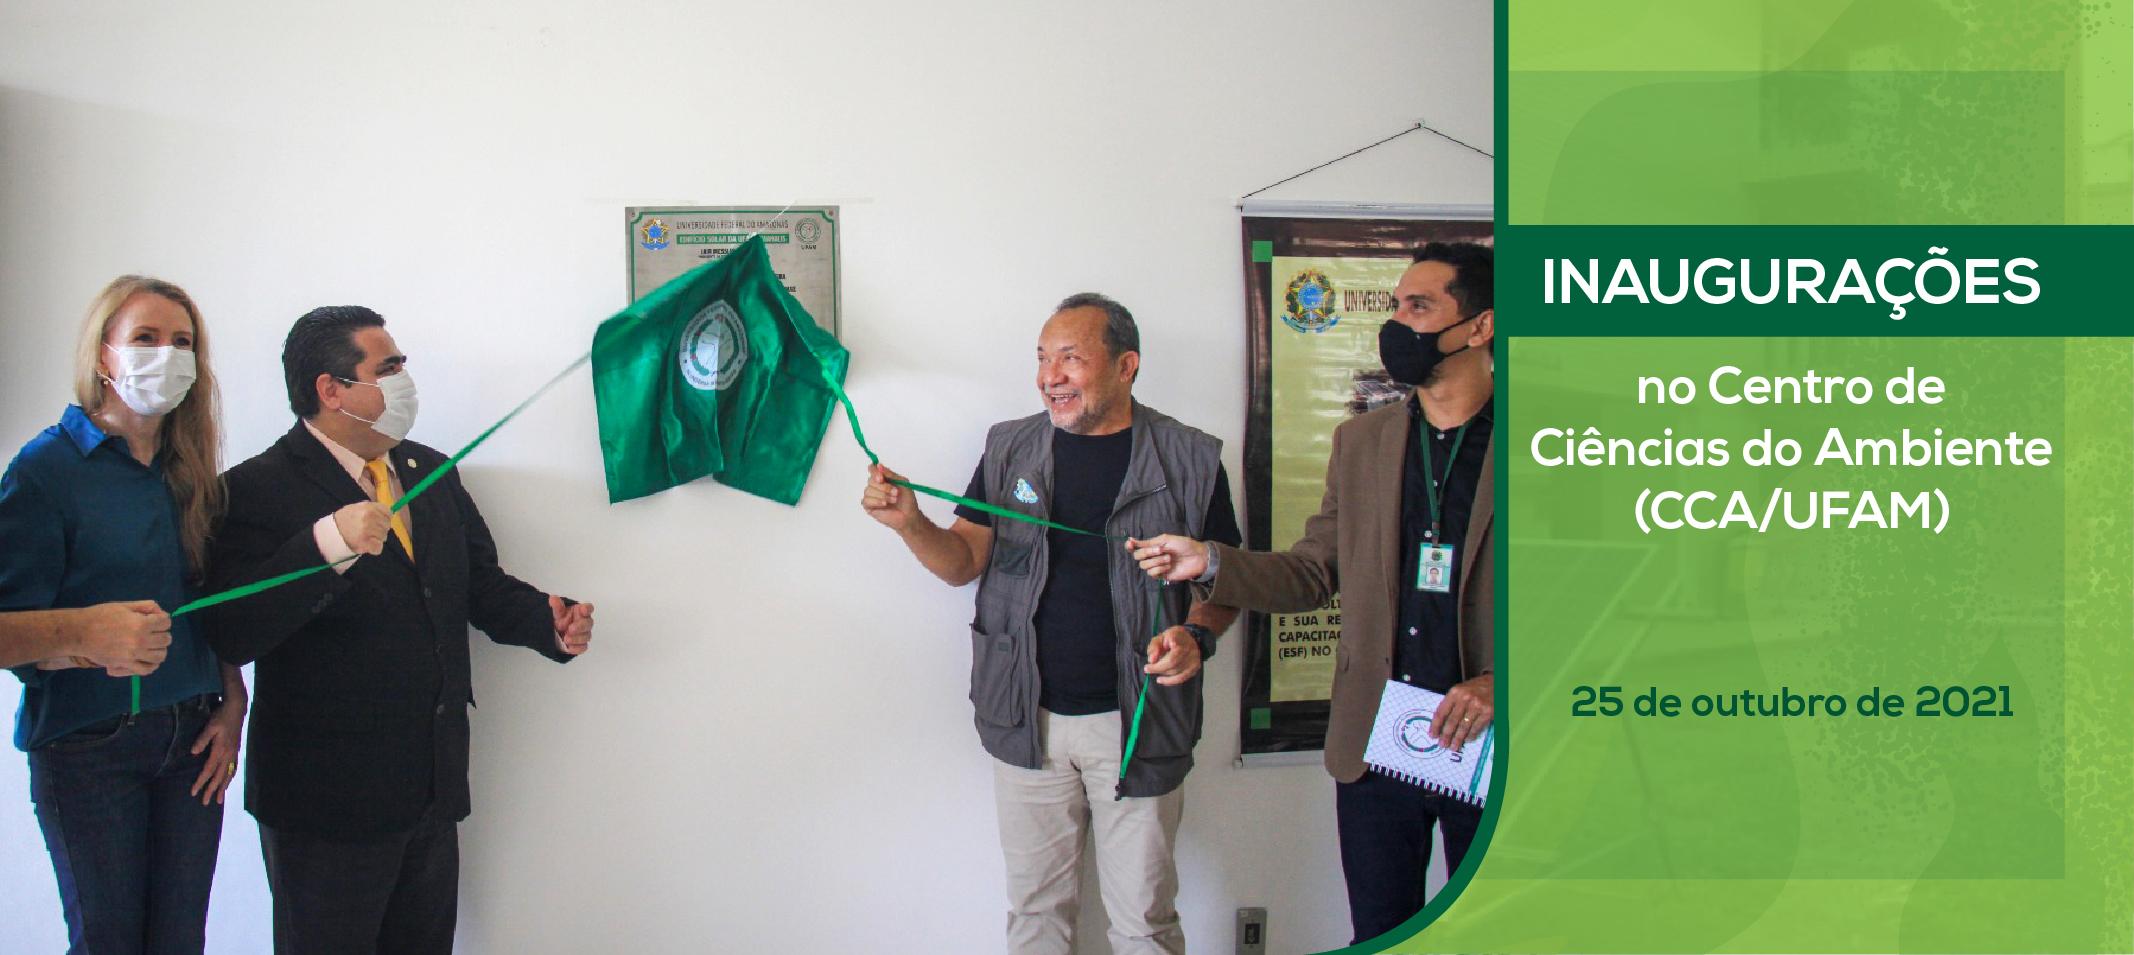 Inaugurado o primeiro Edifício Solar no campus sede da Ufam